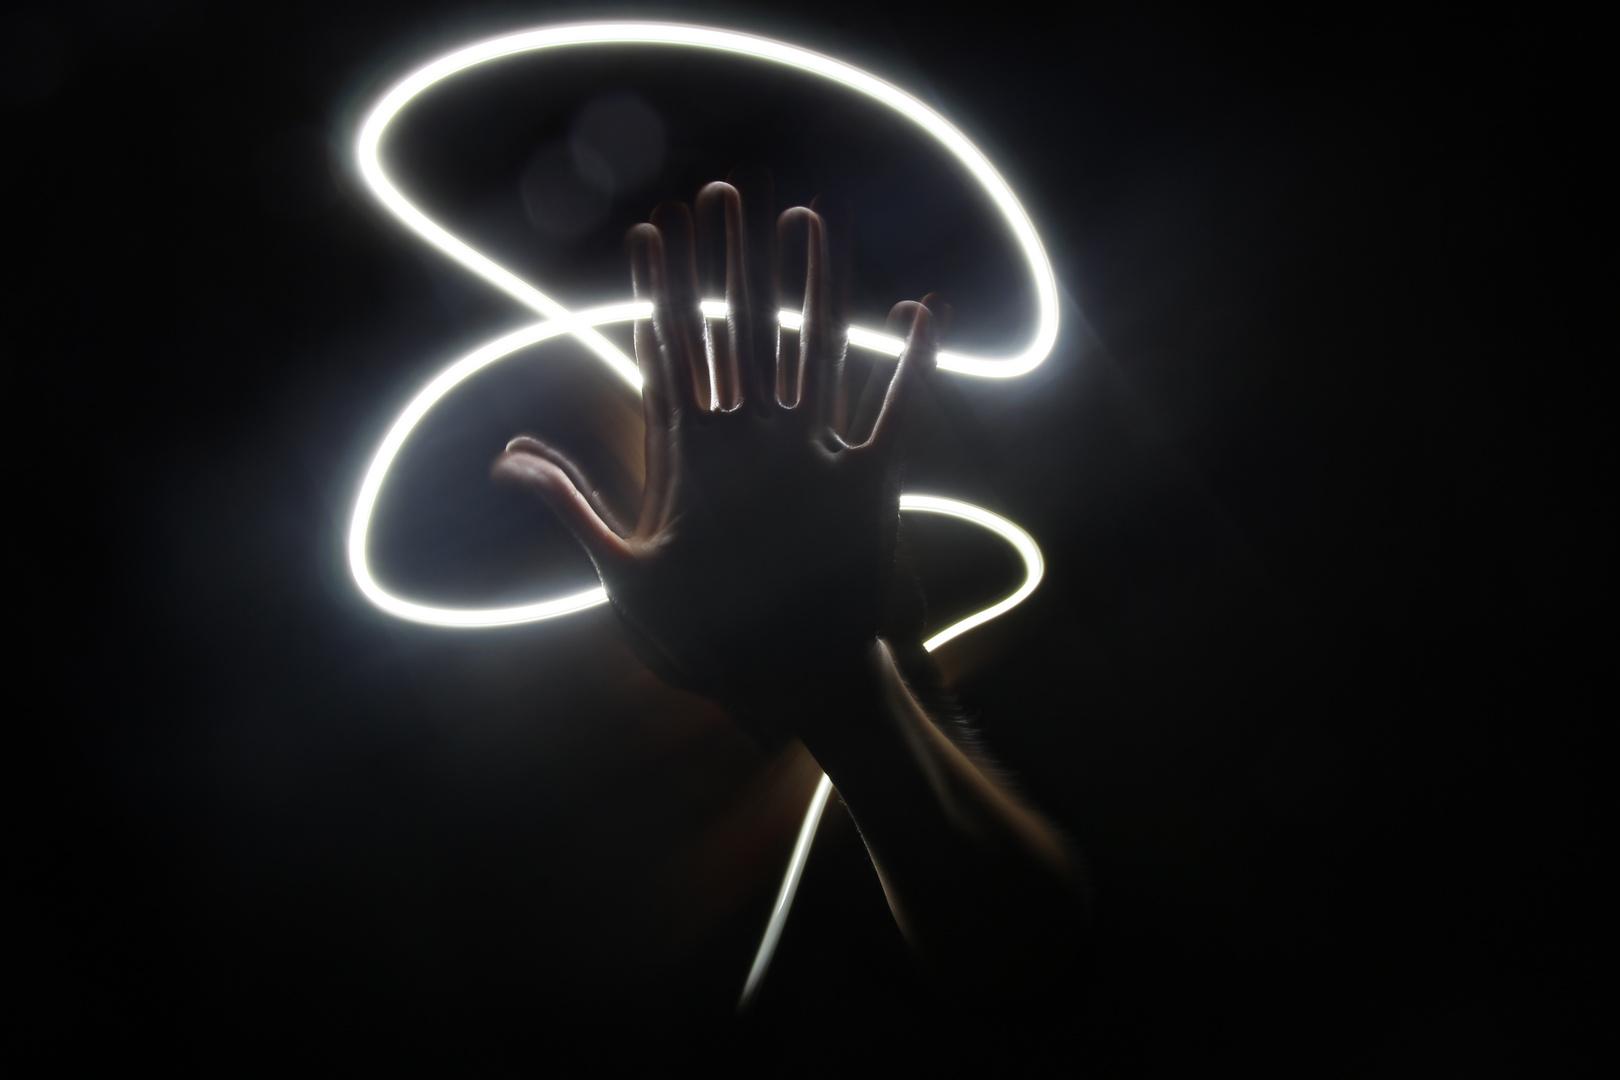 Mysteriöse Hand